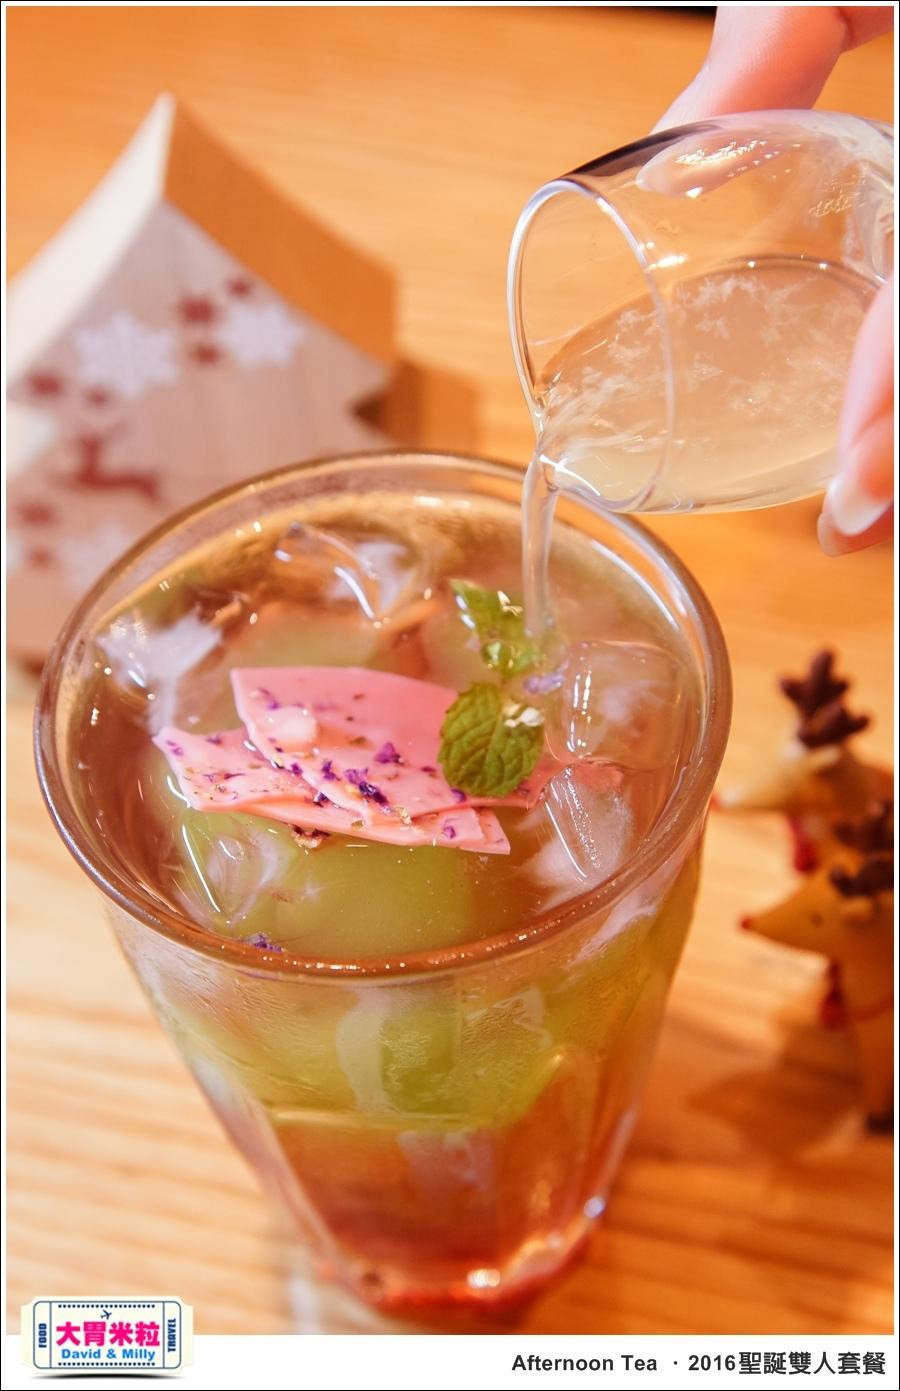 高雄午茶餐廳推薦@高雄夢時代 Afternoon Tea 2016聖誕雙人套餐 @大胃米粒0031.jpg